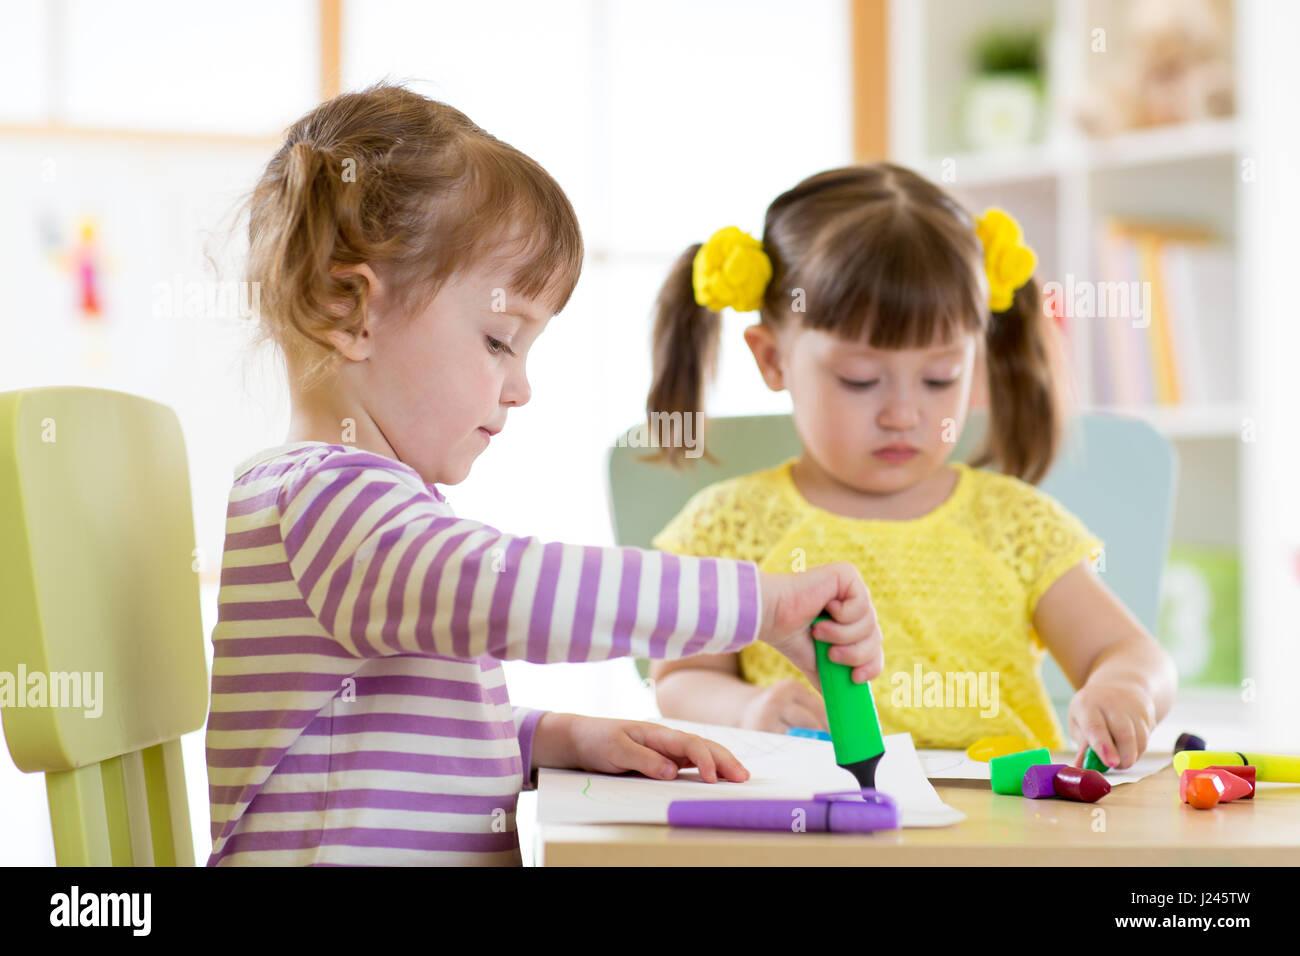 zwei sch ne kinder m dchen zeichnen sich im kindergarten